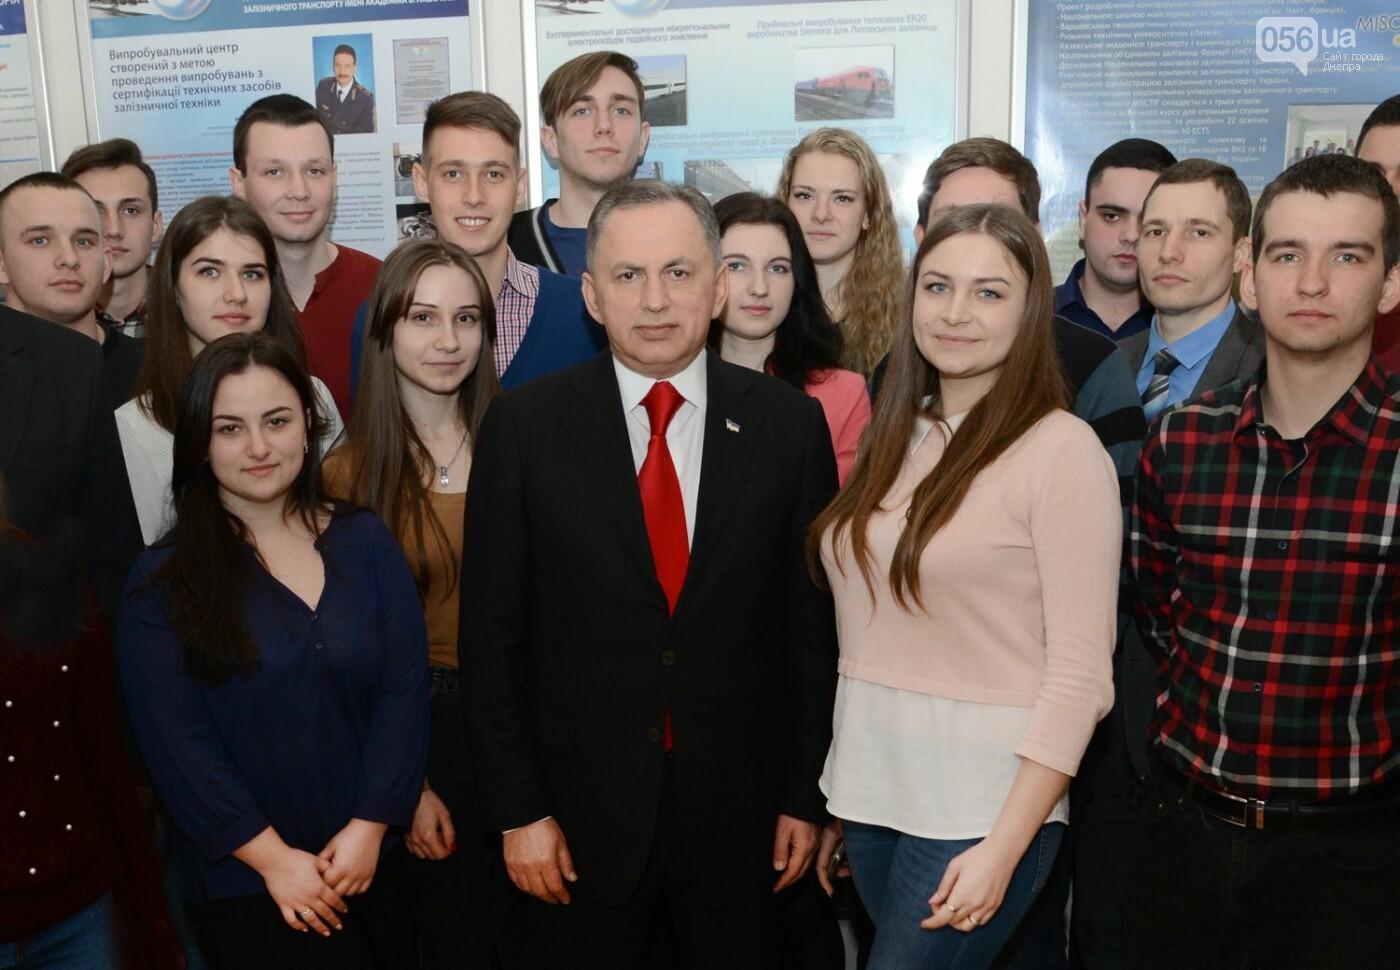 Борис Колесников и студенты из Днипра провели встречу в рамках конкурса «Железнодорожник», фото-1